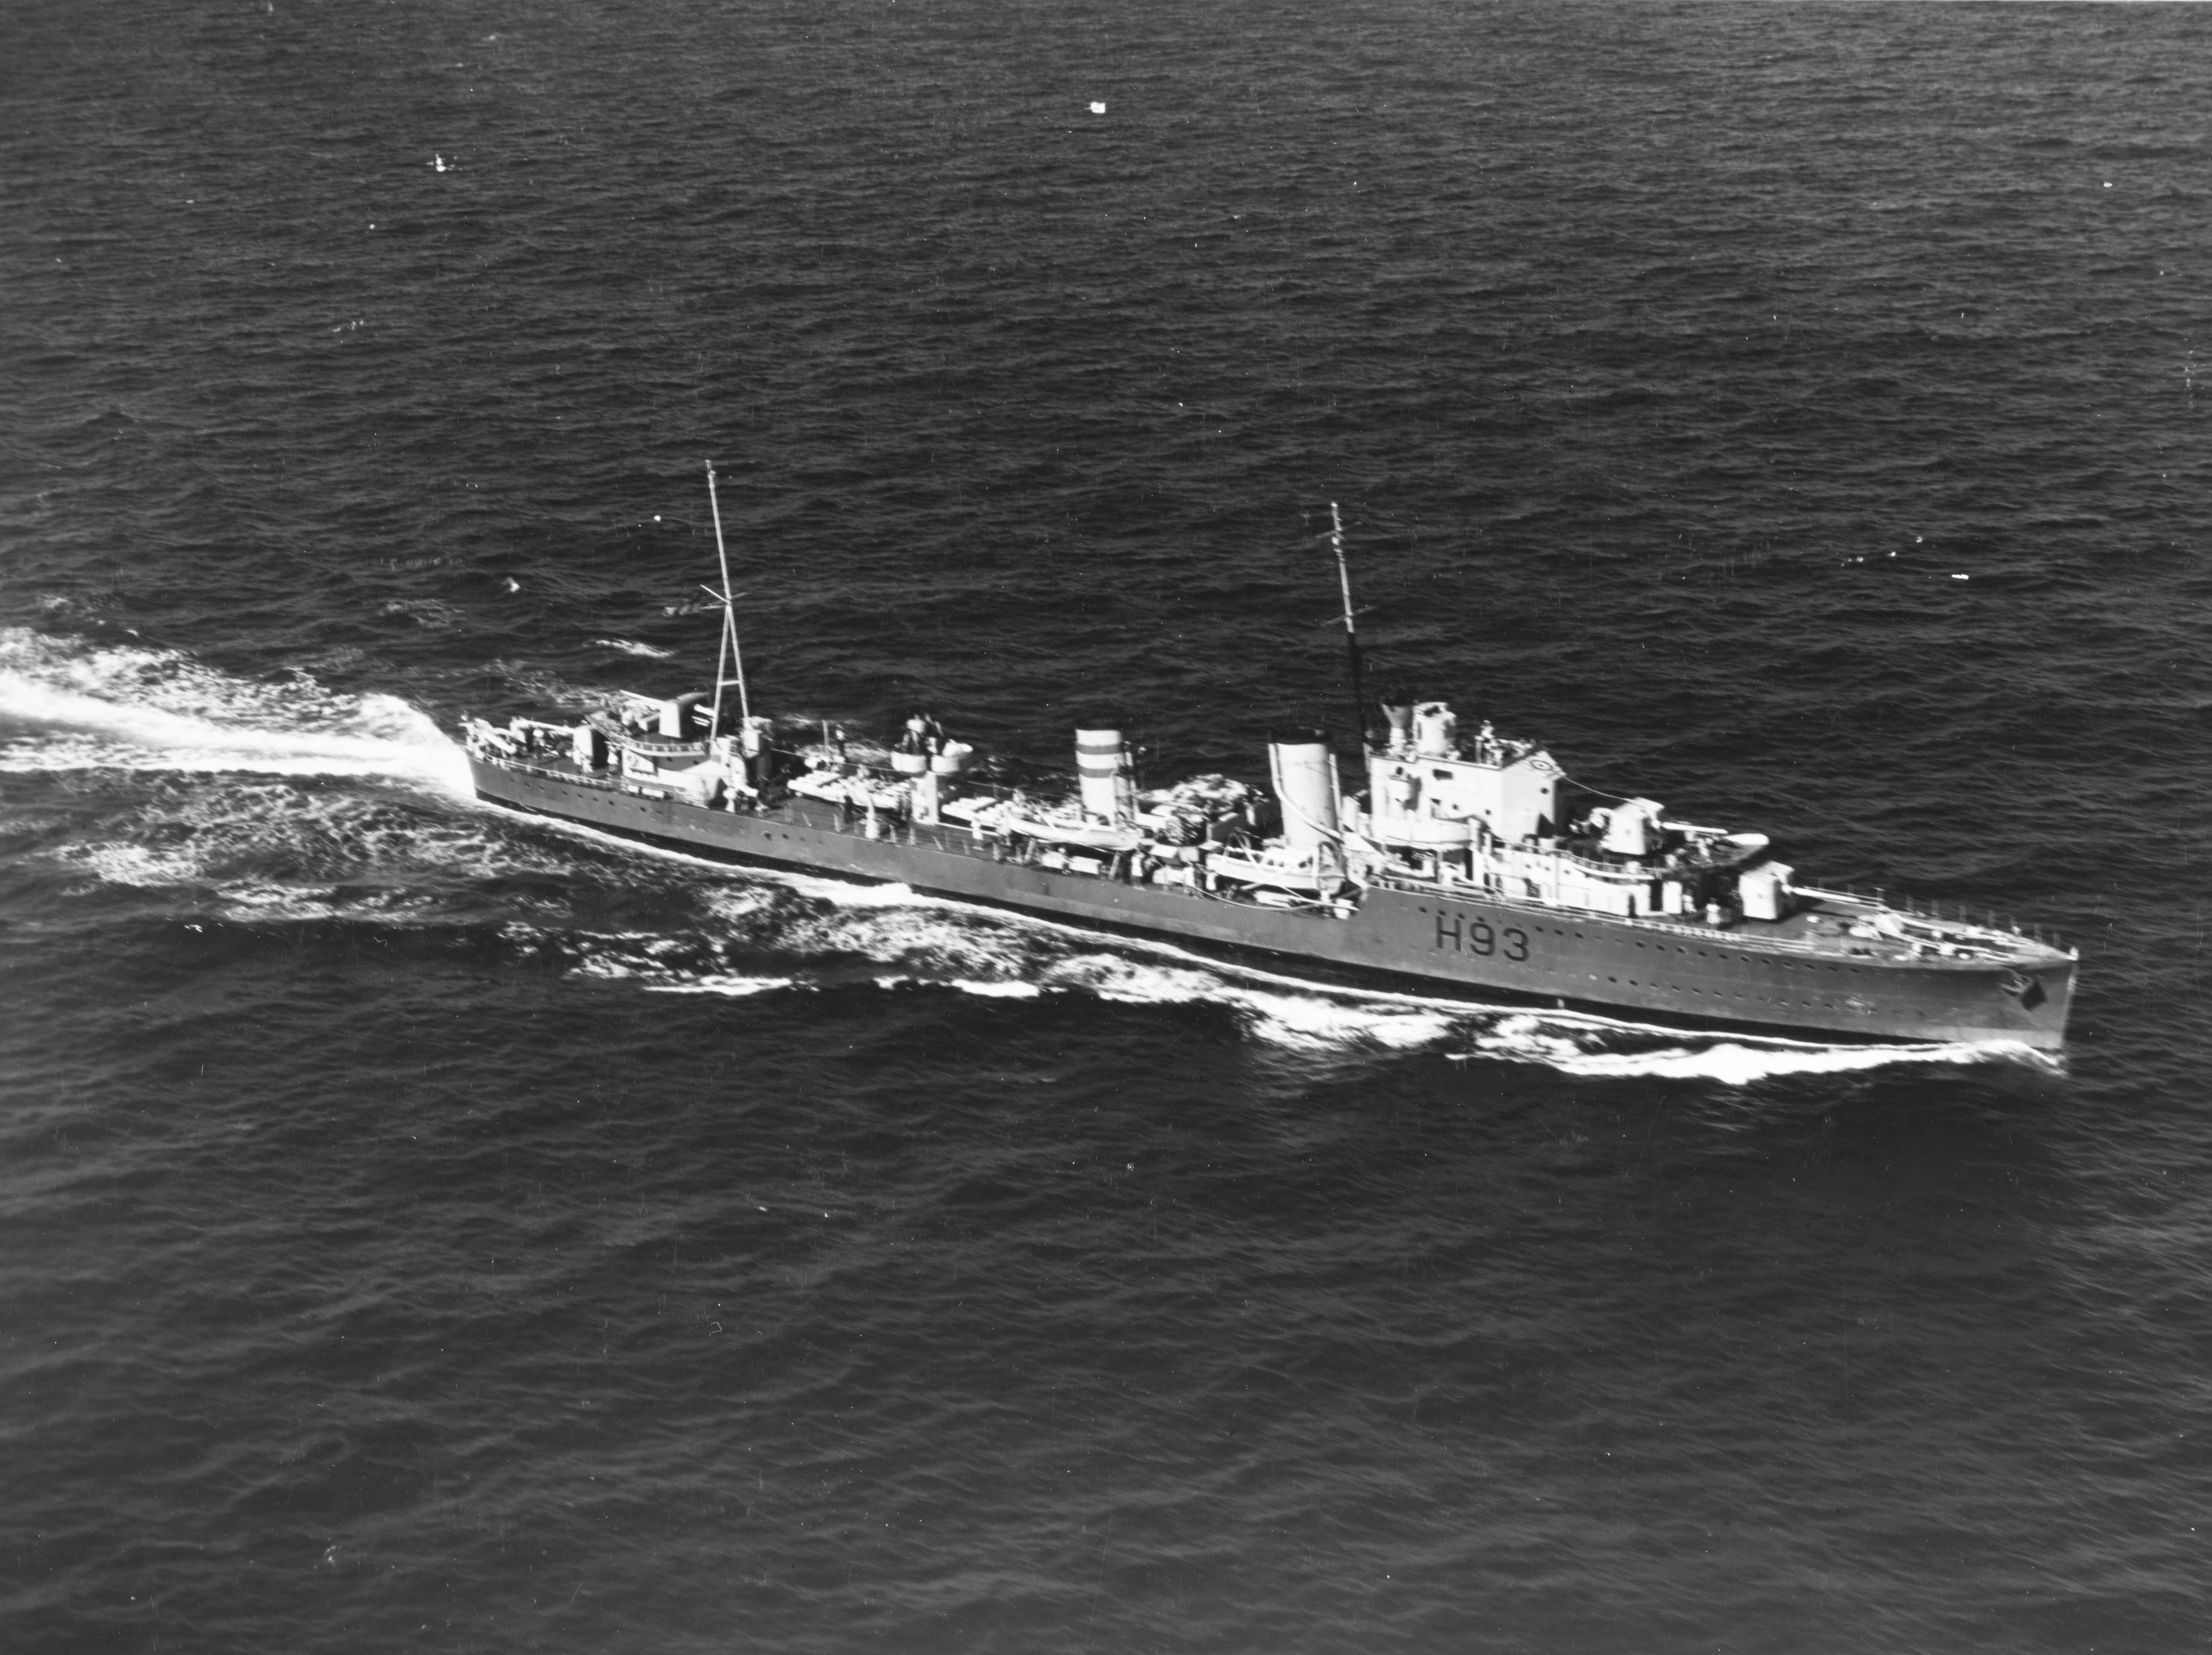 HMS_Hereward_(H93)_underway_on_20_Decemb